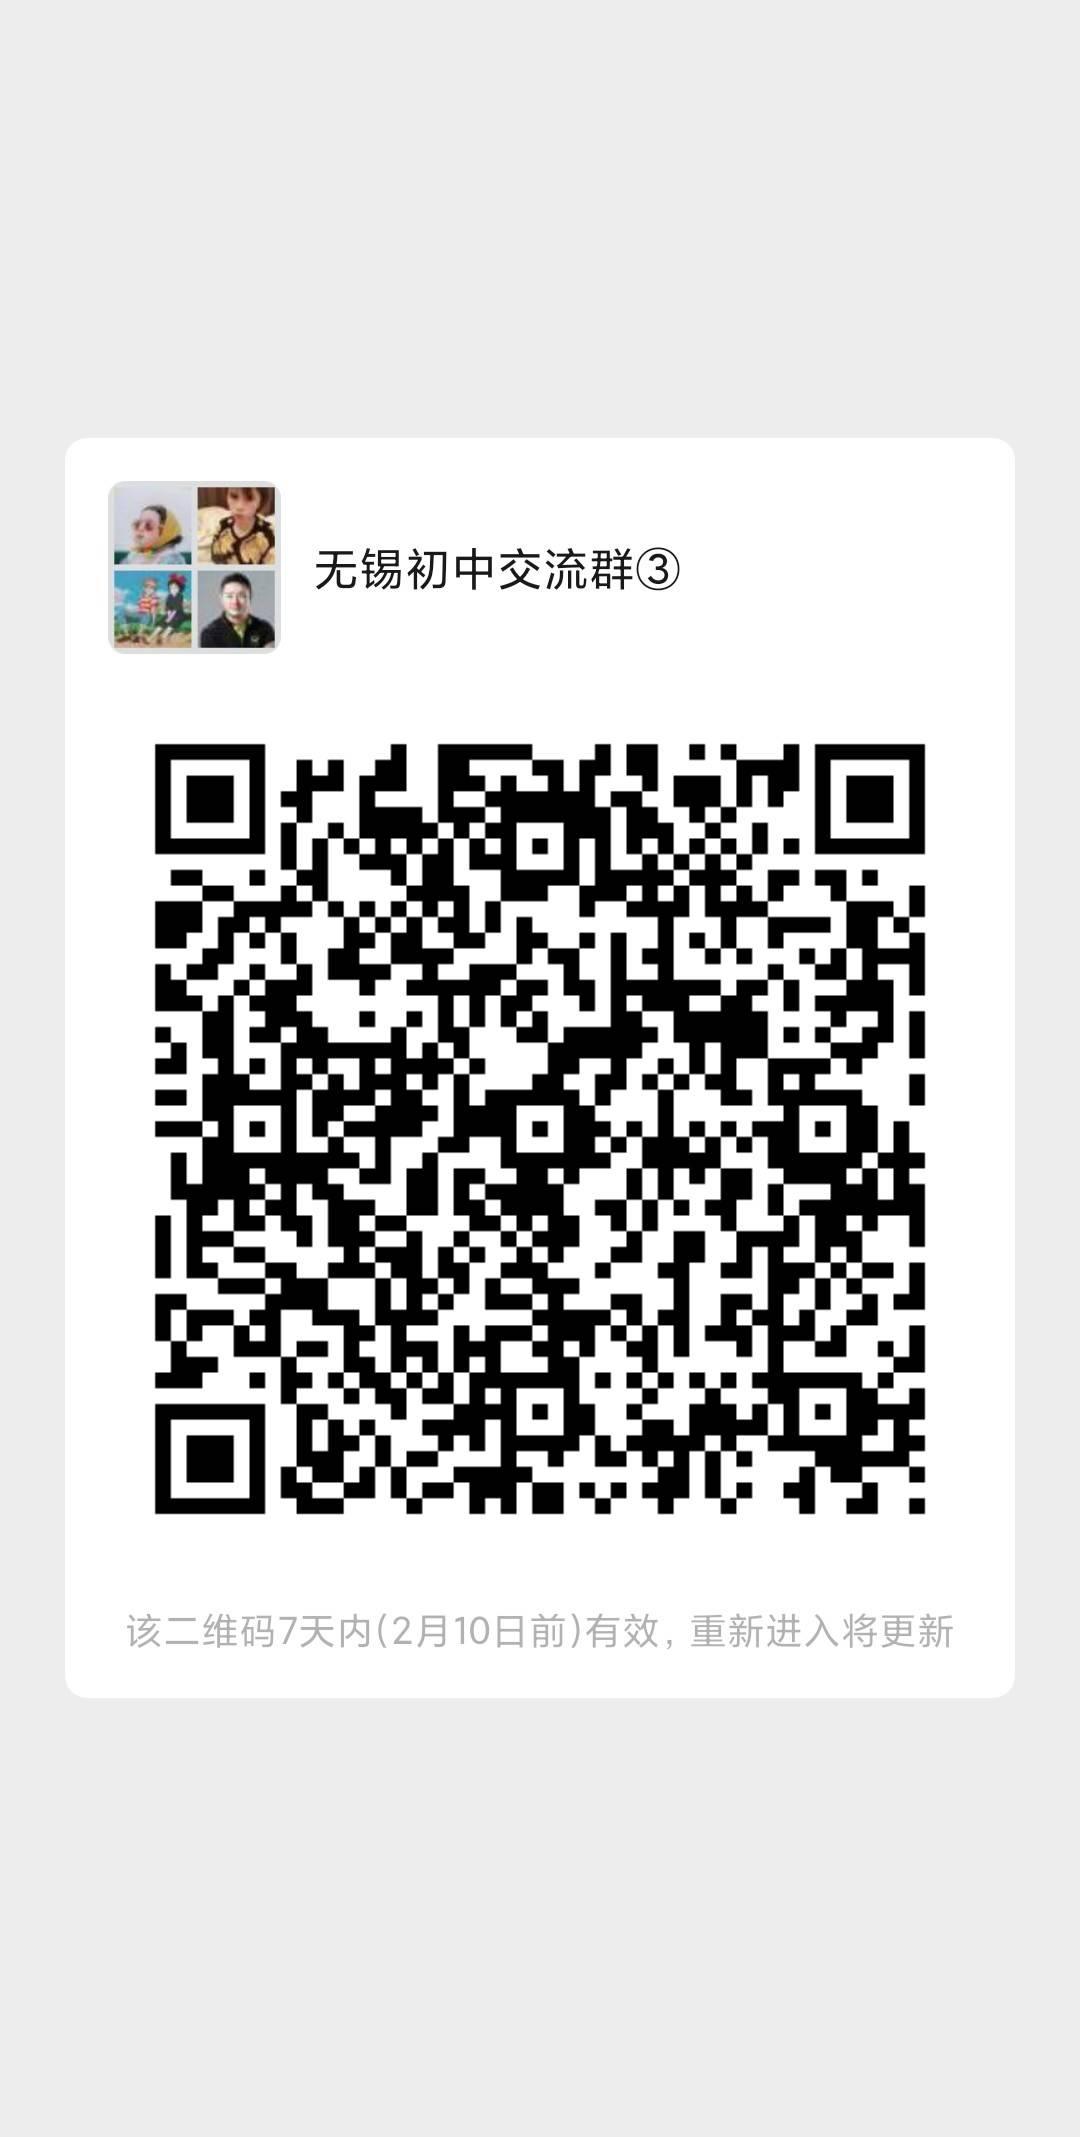 2021-02-03 14.33.51.jpg